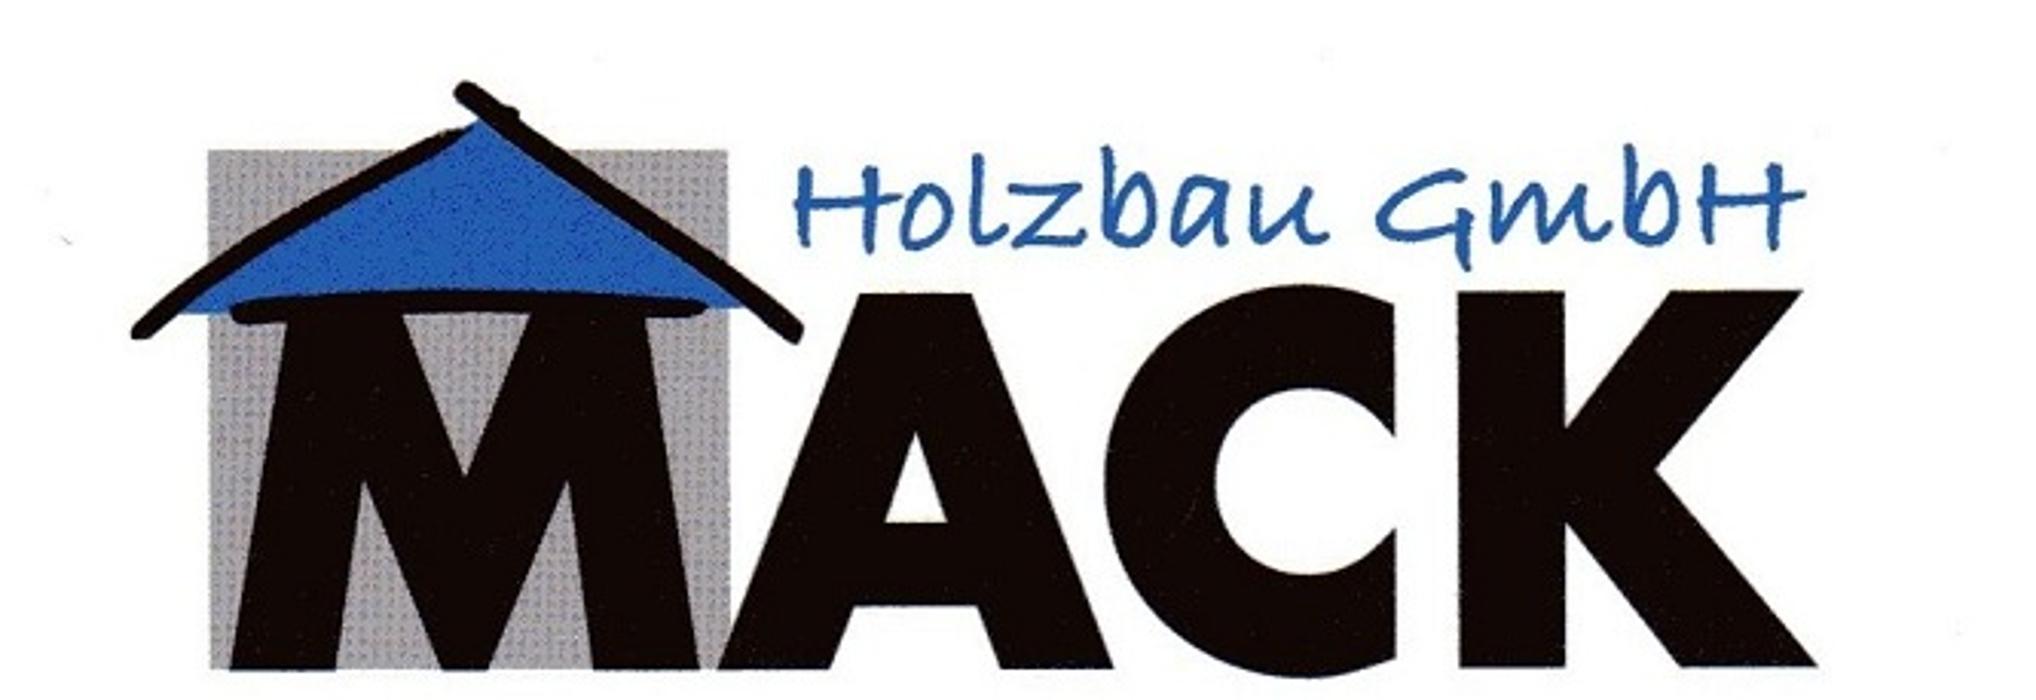 Bild zu Holzbau Mack GmbH in Tannhausen bei Ellwangen Jagst